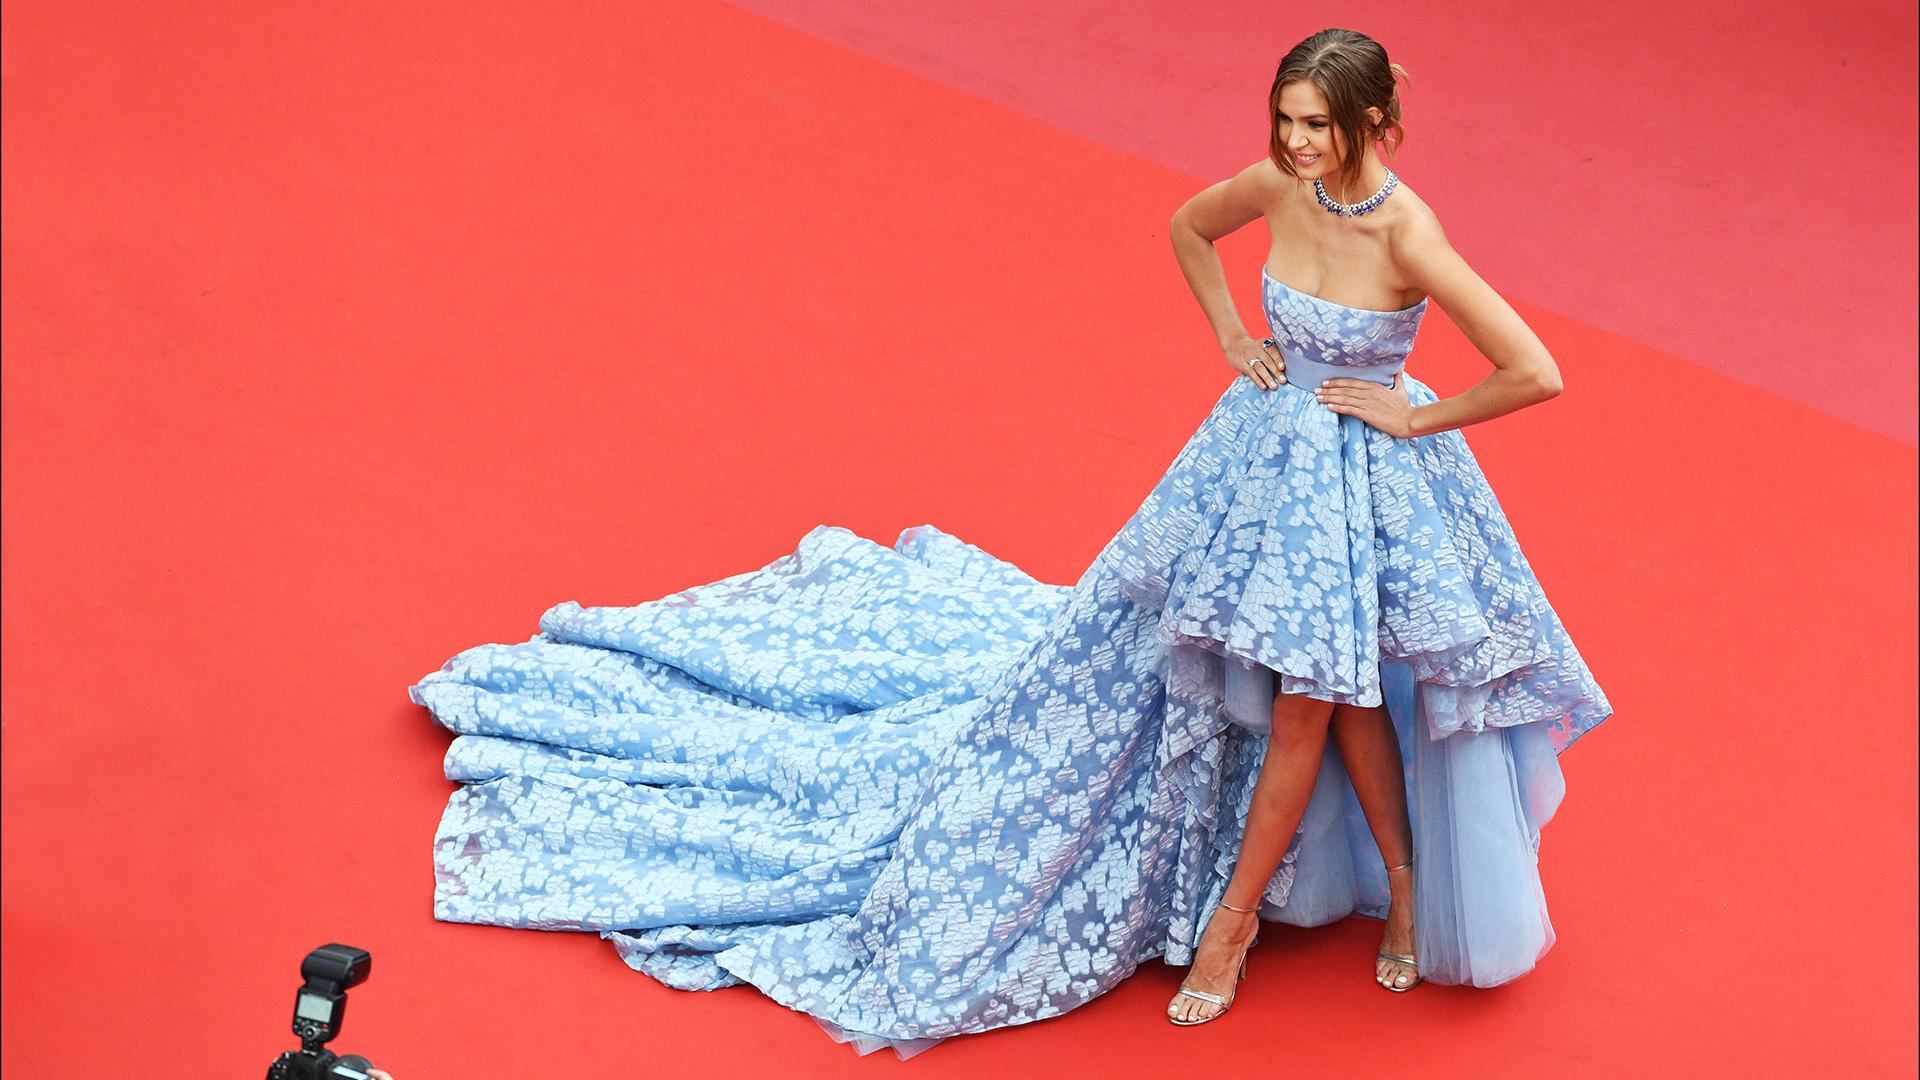 Josephine Skriver, una de las más elegantes de la red carpet con un look asimétrico